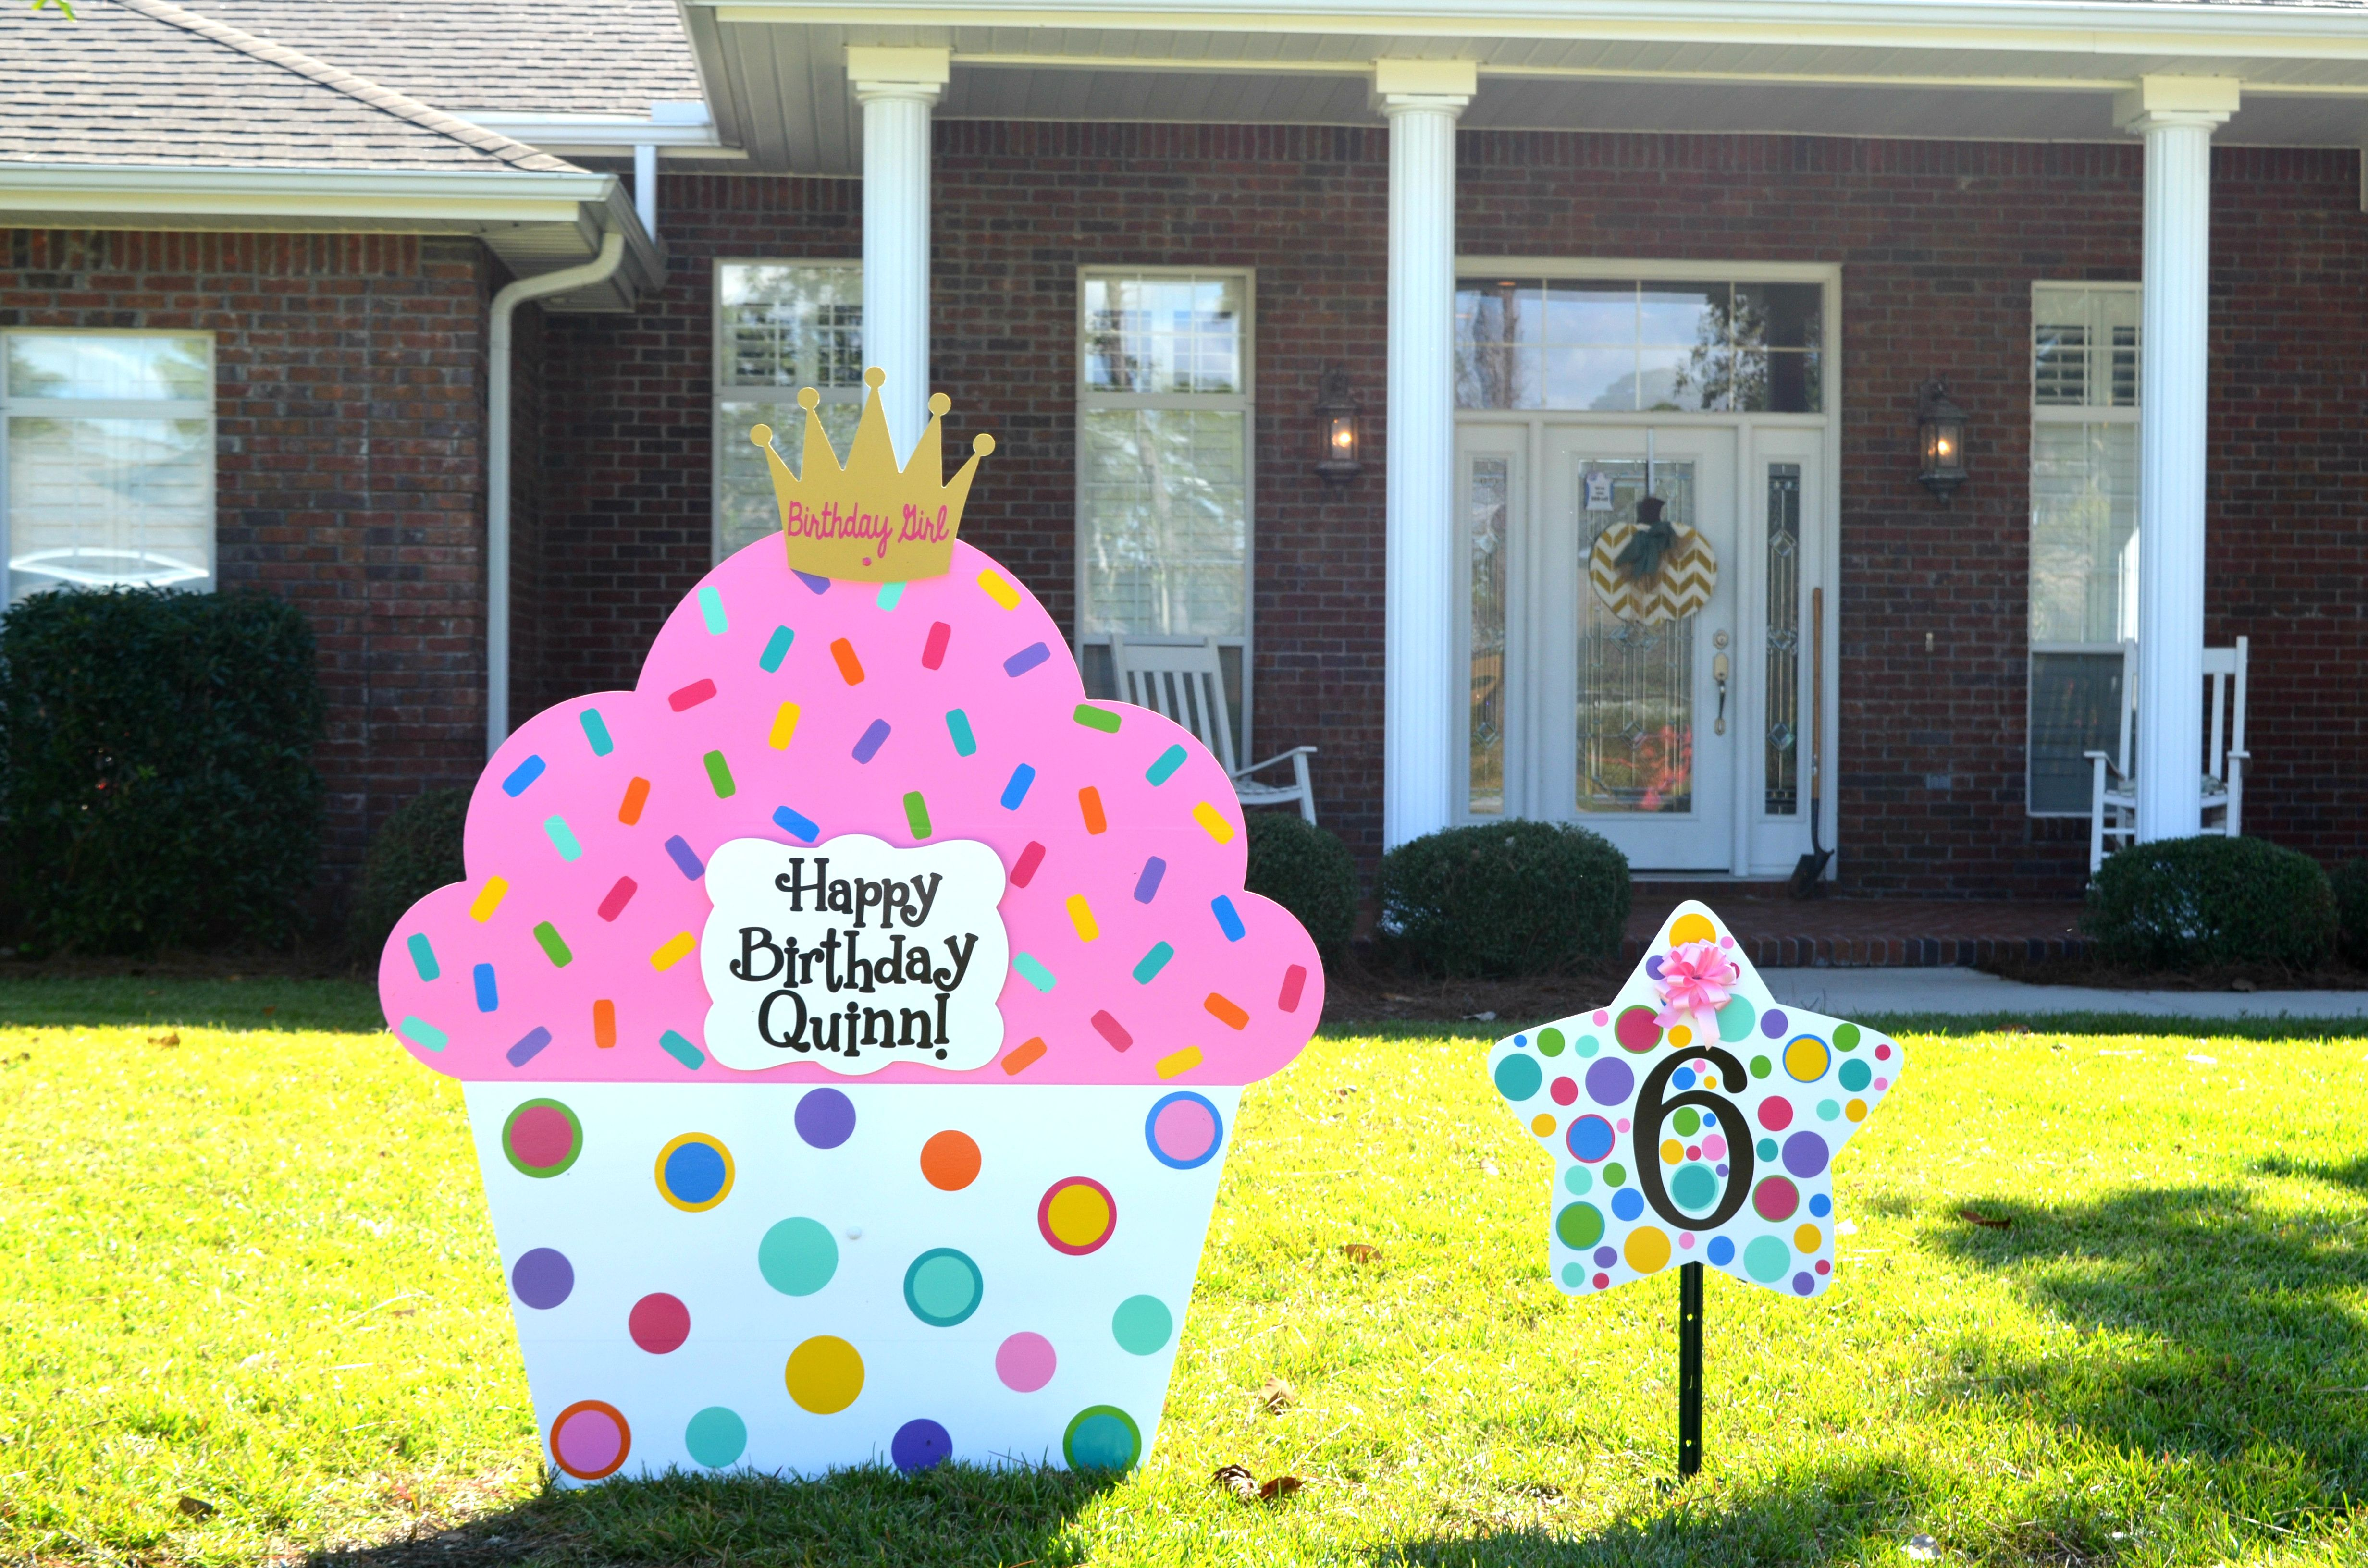 Birthday Cake Birthday Cake Yard sign Destin, Fl Birthday